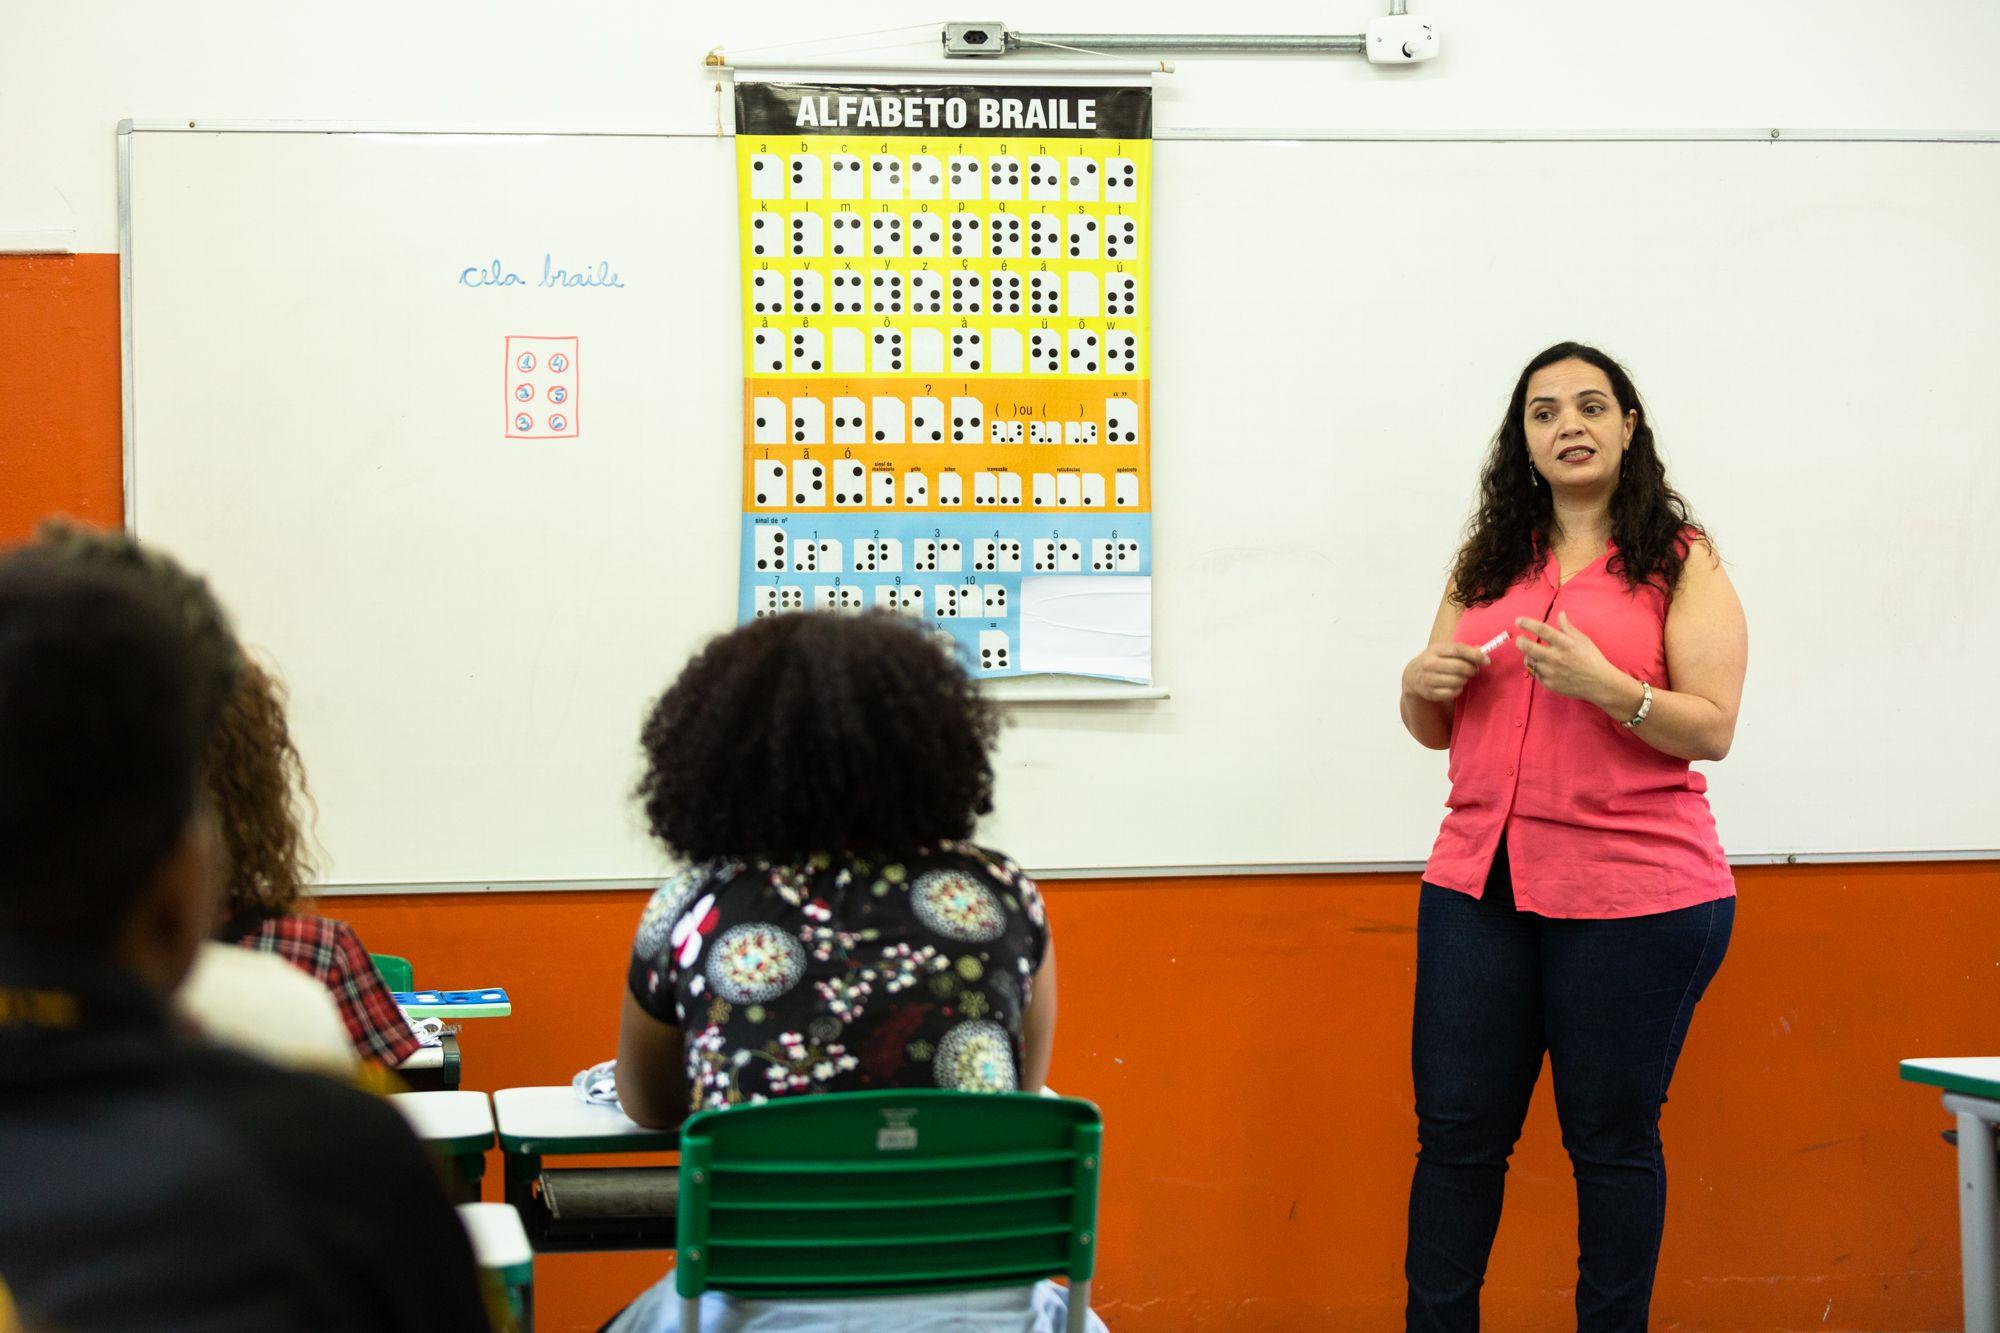 Em sala de aula, educadora fala a alunos em frente à lousa com cartaz do alfabeto em braile. Fim da descrição.